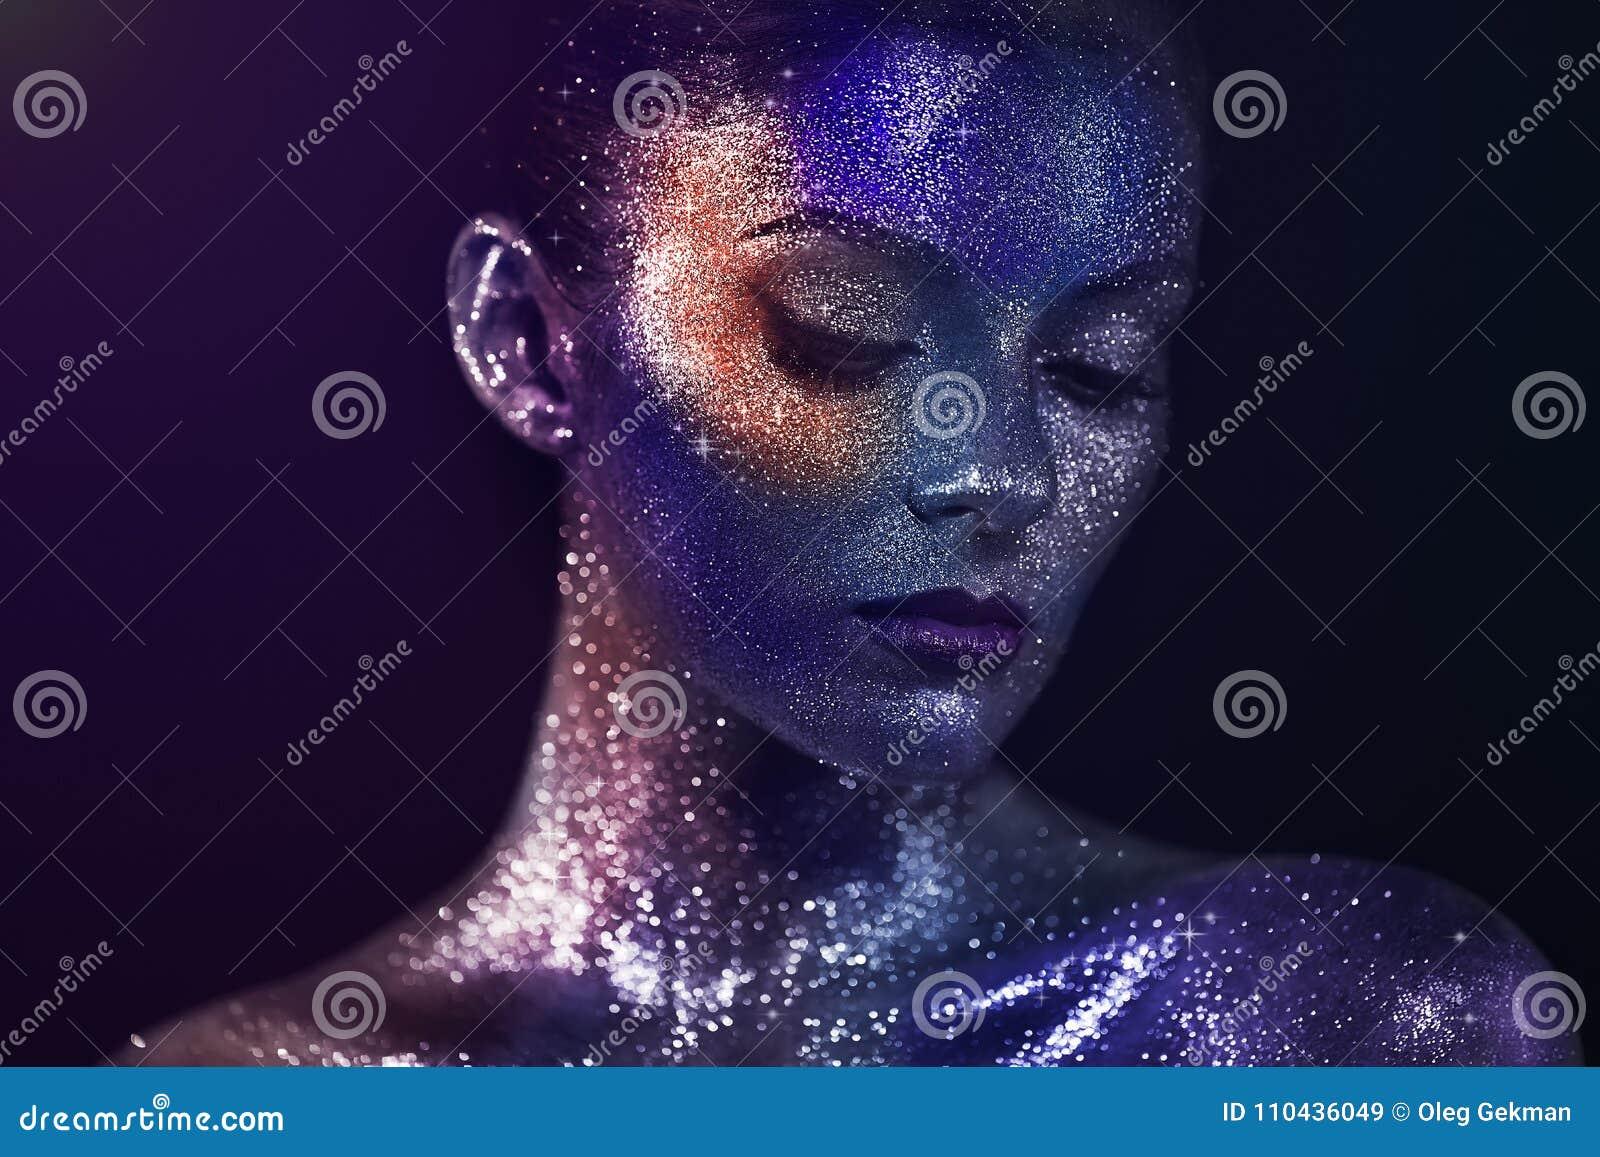 Πορτρέτο της όμορφης γυναίκας με τα σπινθηρίσματα στο πρόσωπό της